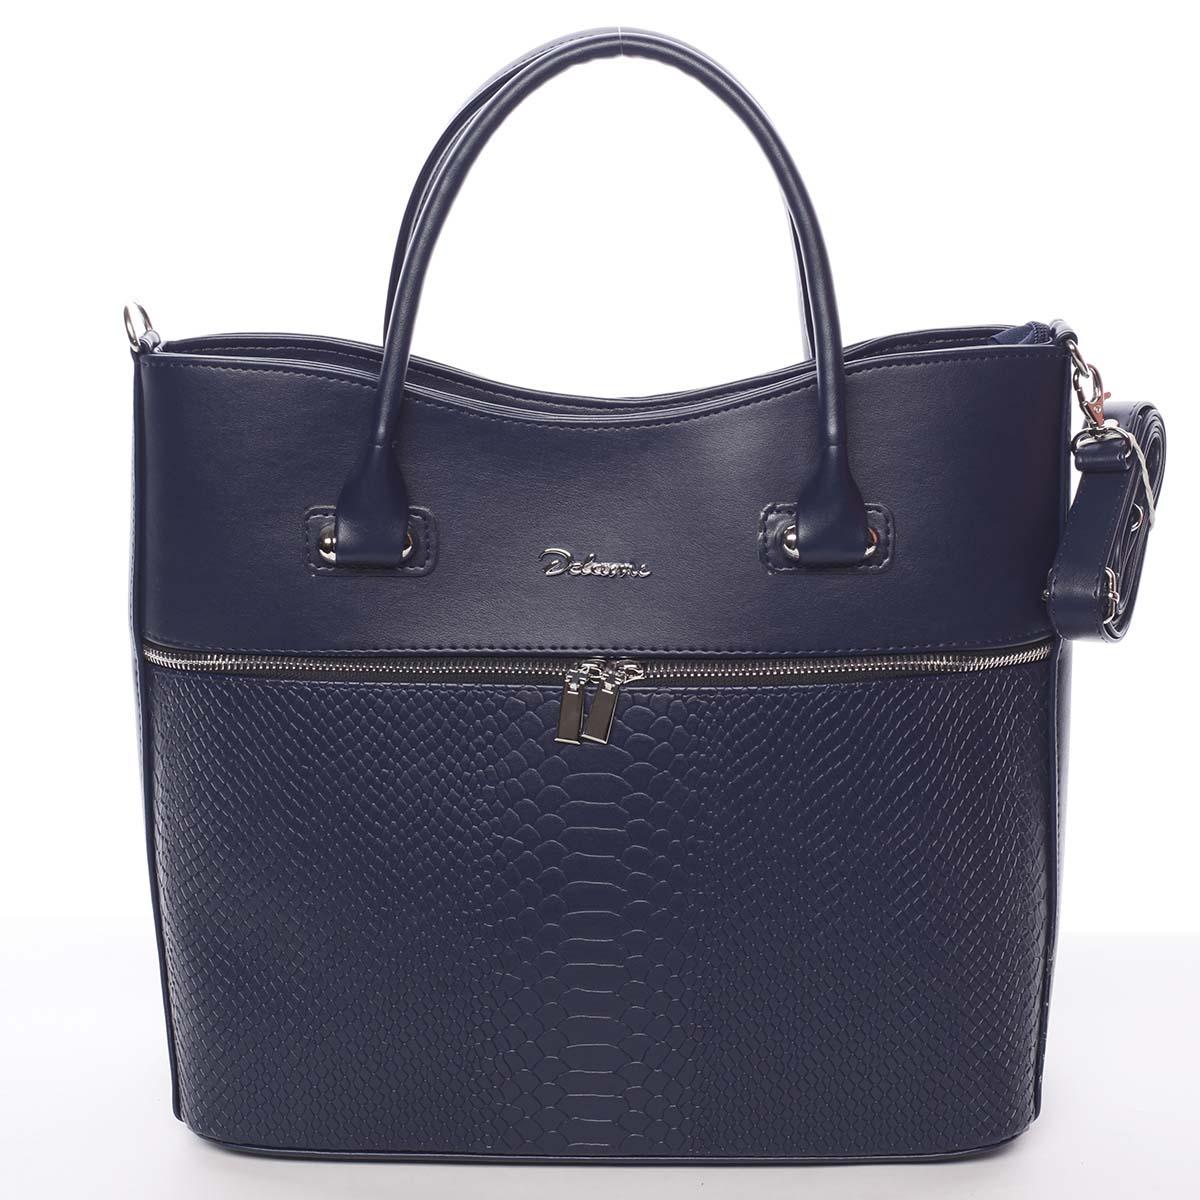 Luxusní dámská kabelka tmavě modrá - Delami Veronica